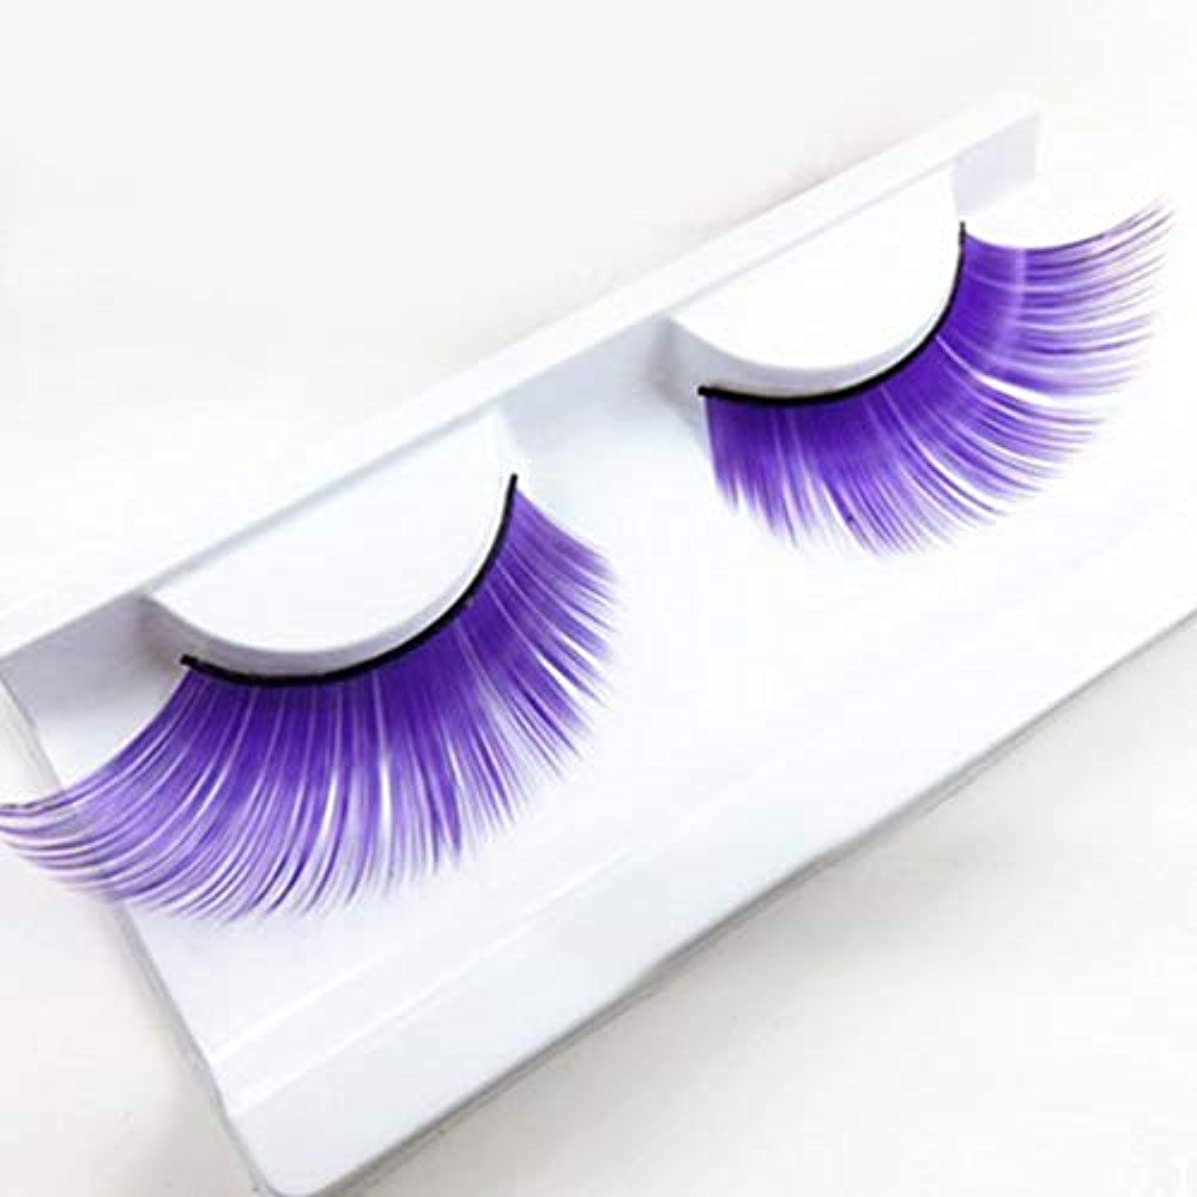 あなたはブレース兵隊(ライチ) Lychee (ライチ) Lychee 2ペアはいり つけまつげ 紫色 色つき 濃密 誇張 欧米スタイル ふんわりロング 目尻が伸びる 手作り パーティー用 ステージメイク 長持ち